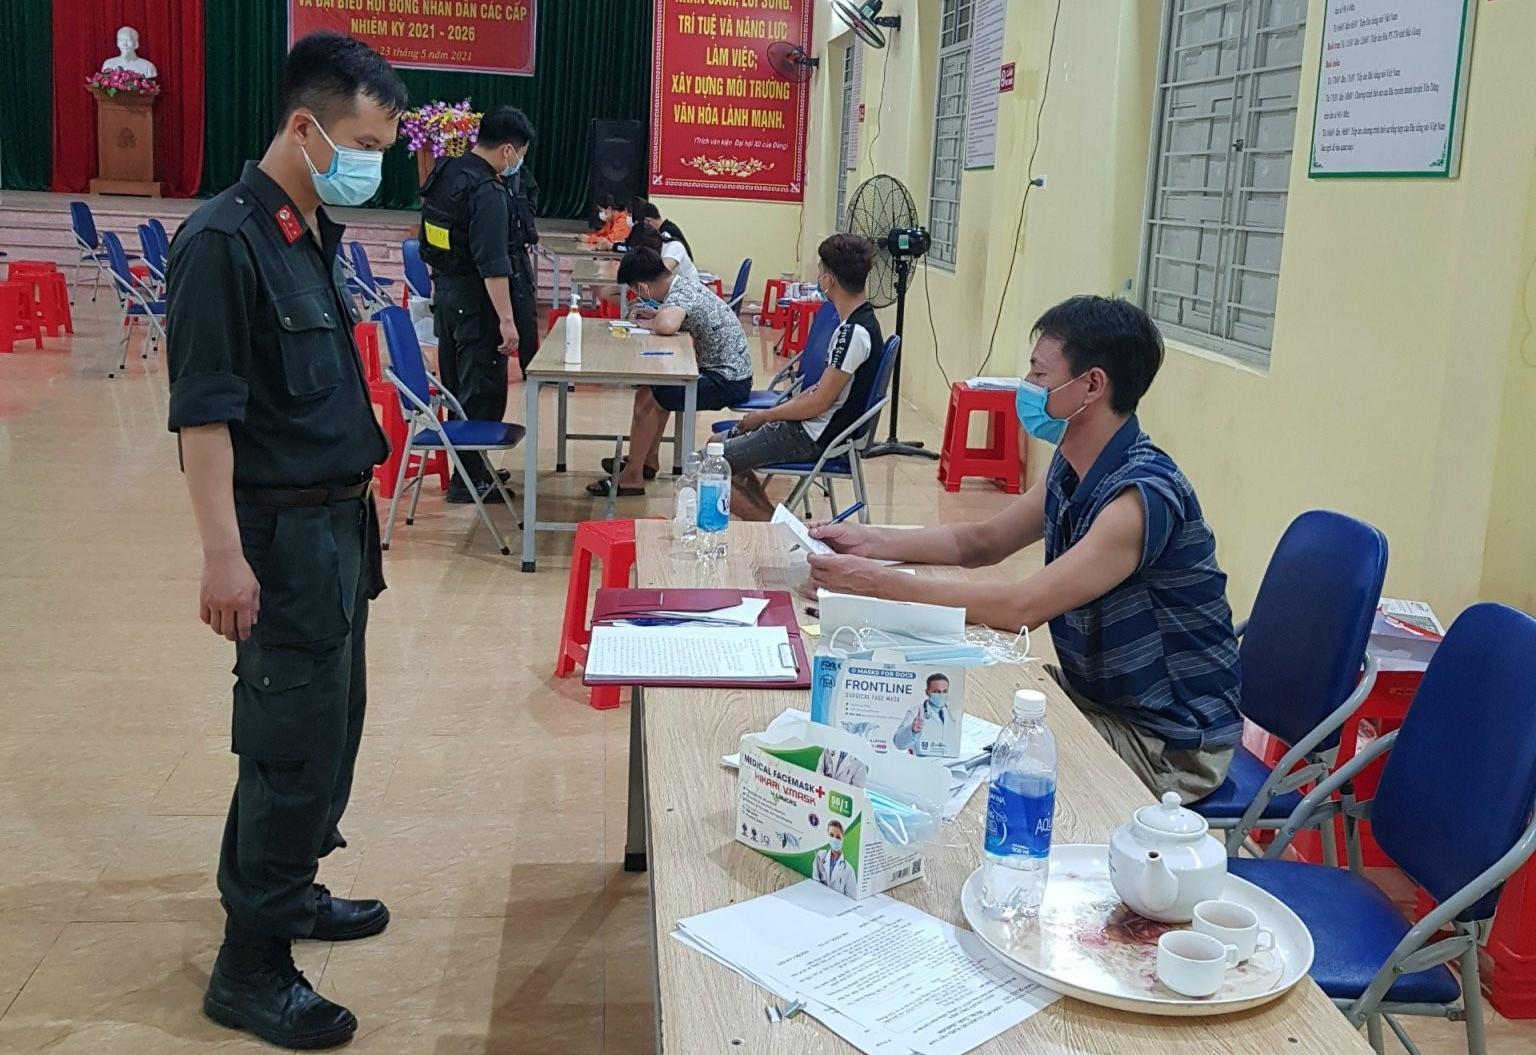 CAX Tiền Phong lập biên bản các trường hợp vi phạm